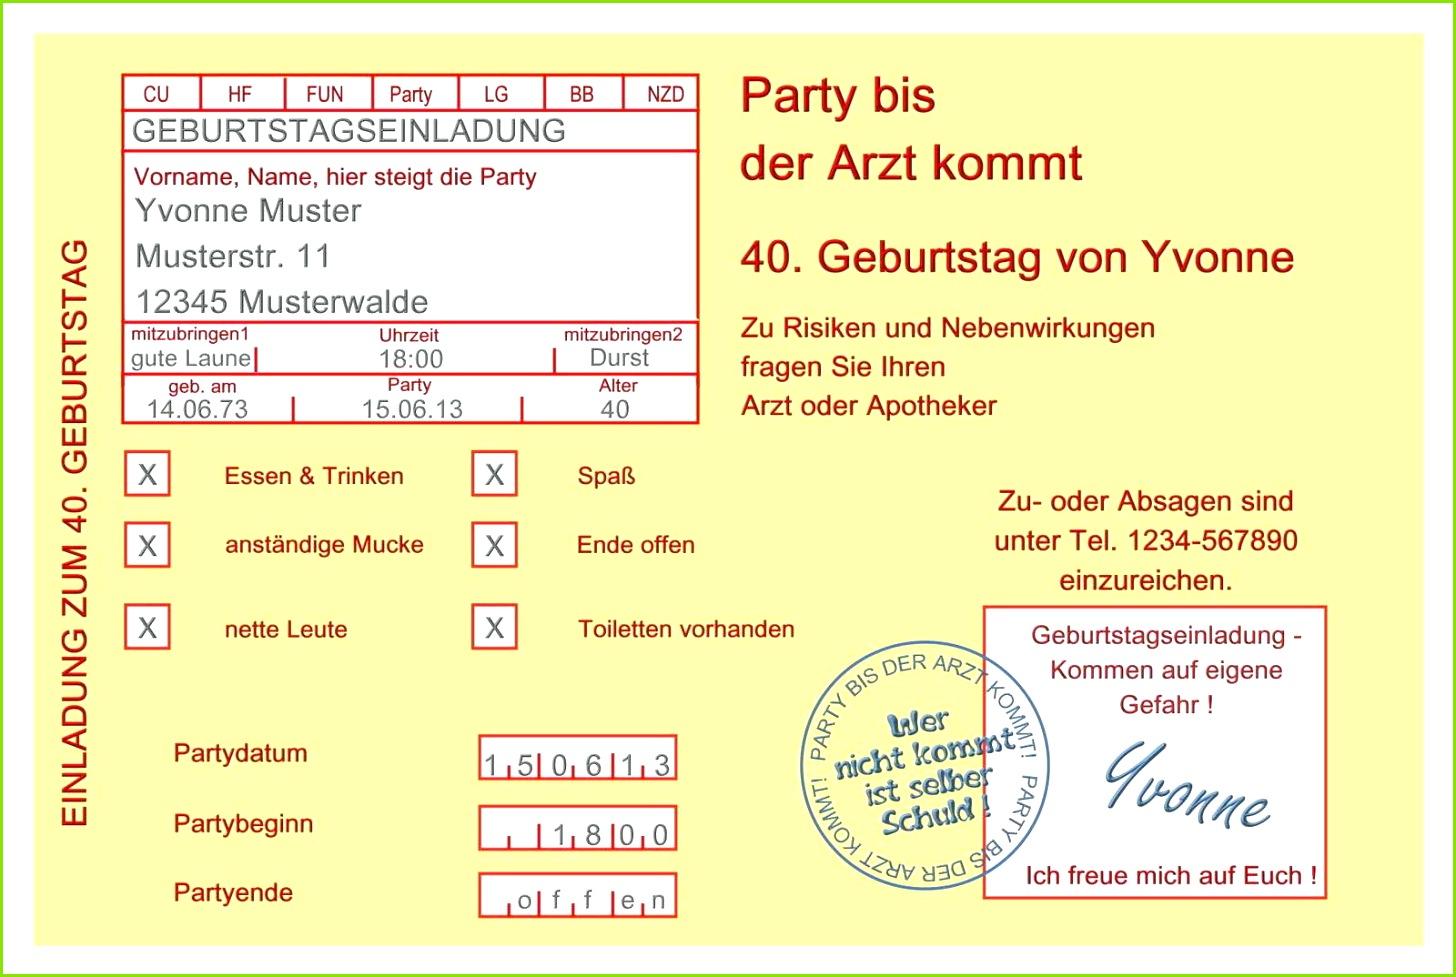 Einladungskarten 60 Geburtstag Vorlagen Kostenlos Vorlagen Einladung Geburtstag Kostenlos Einladungskarten Vorlagen Einladungskarten 60 Geburtstag